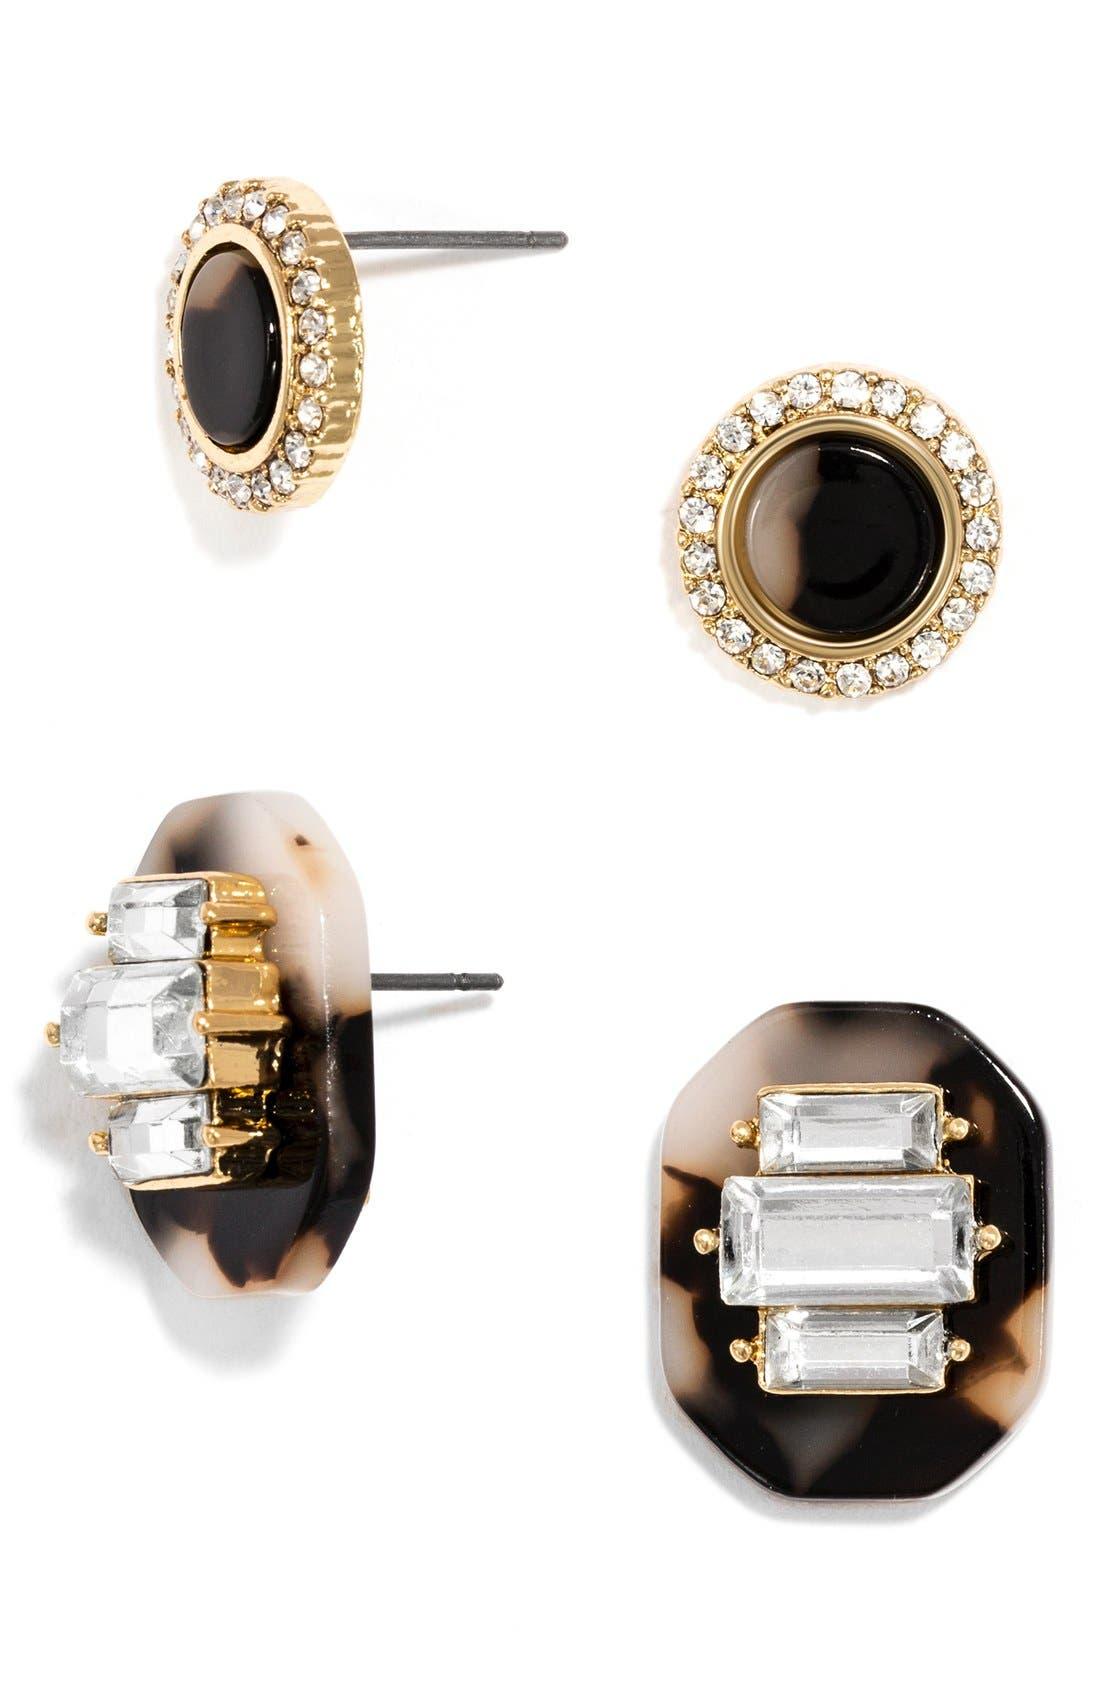 Alternate Image 1 Selected - BaubleBar 'Buchanan' Crystal & Tortoiseshell Earrings (Set of 2)